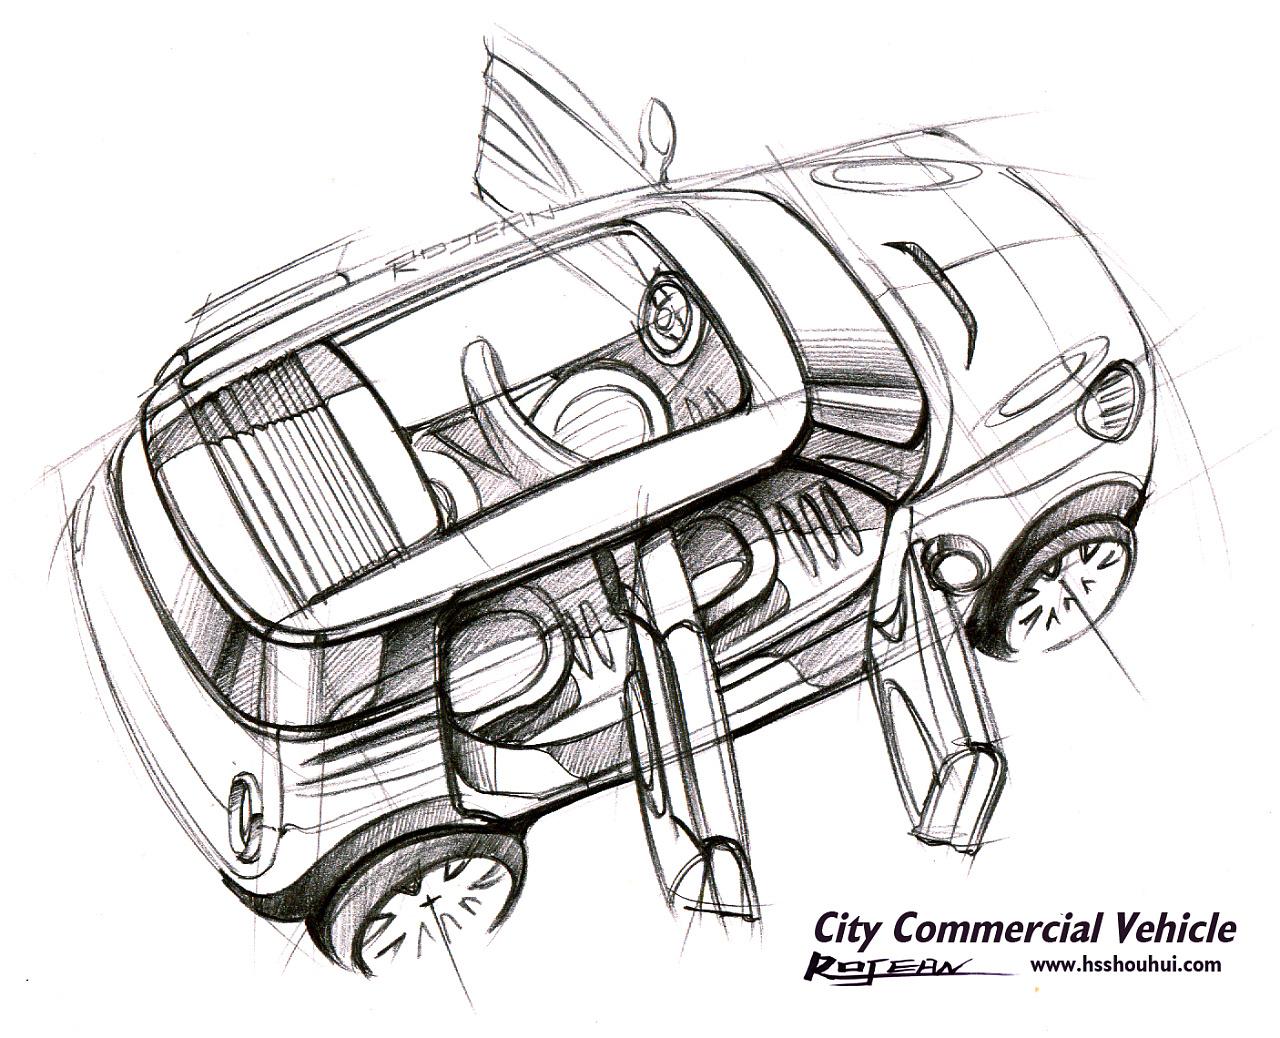 工业产品,交通工具设计手绘-罗剑